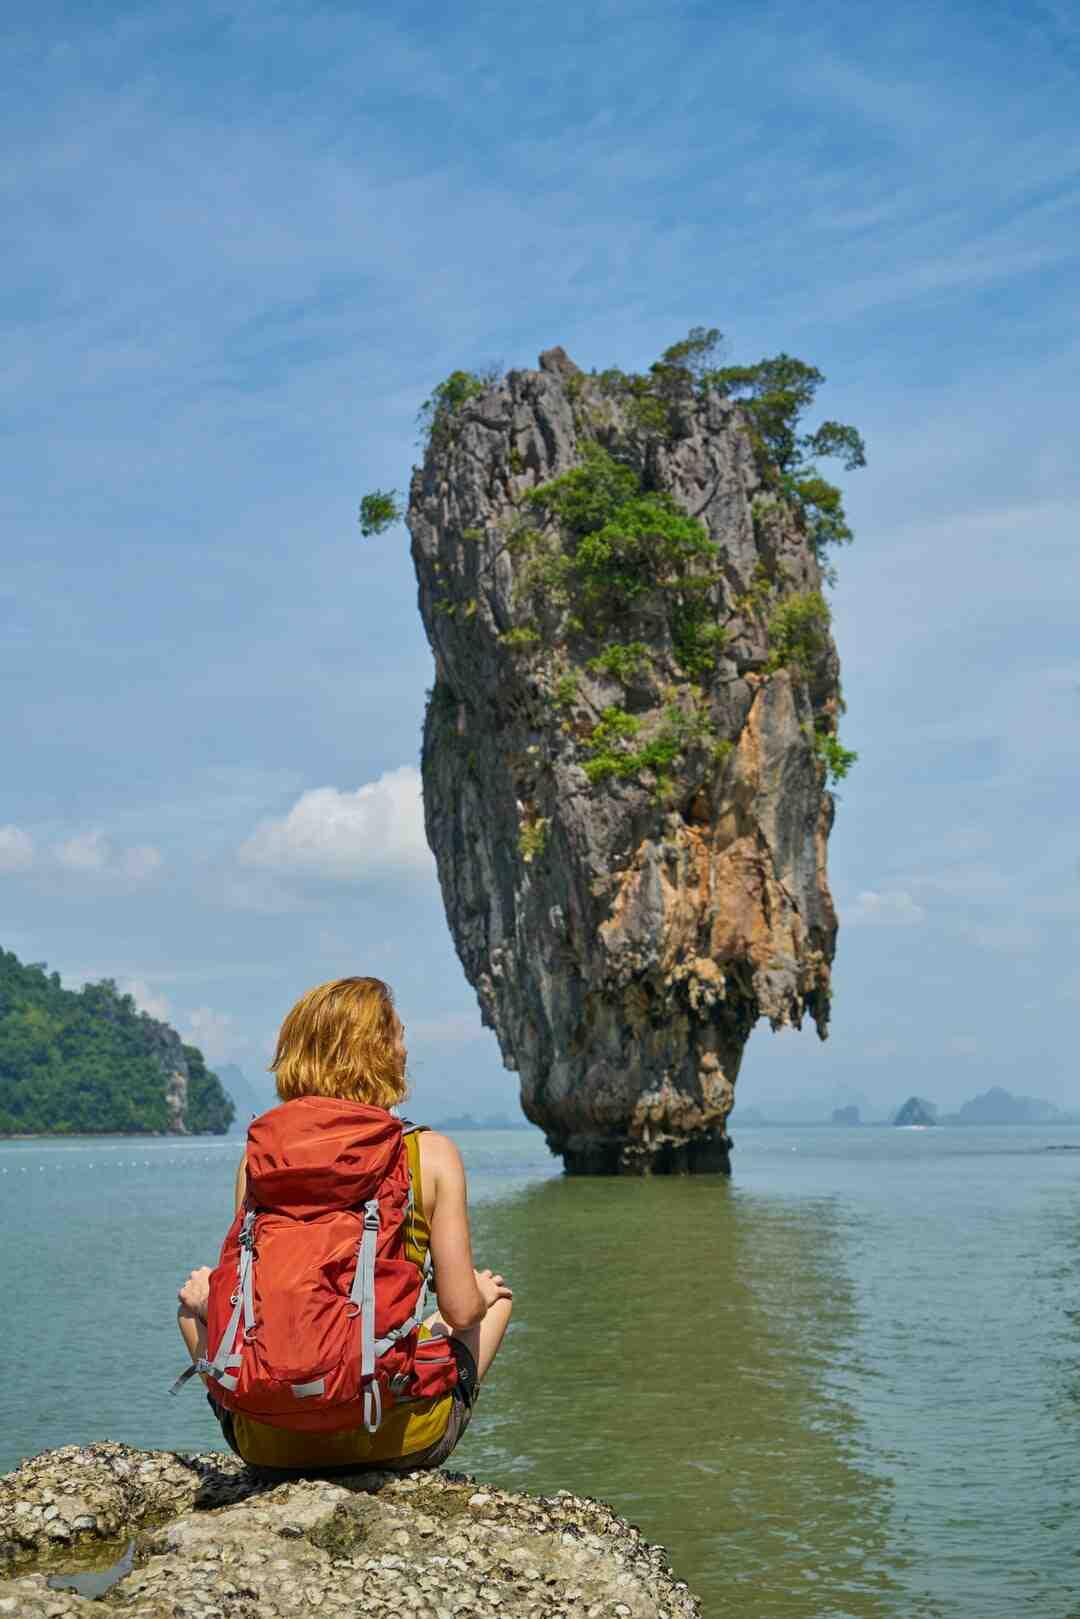 Comment développer le tourisme ?